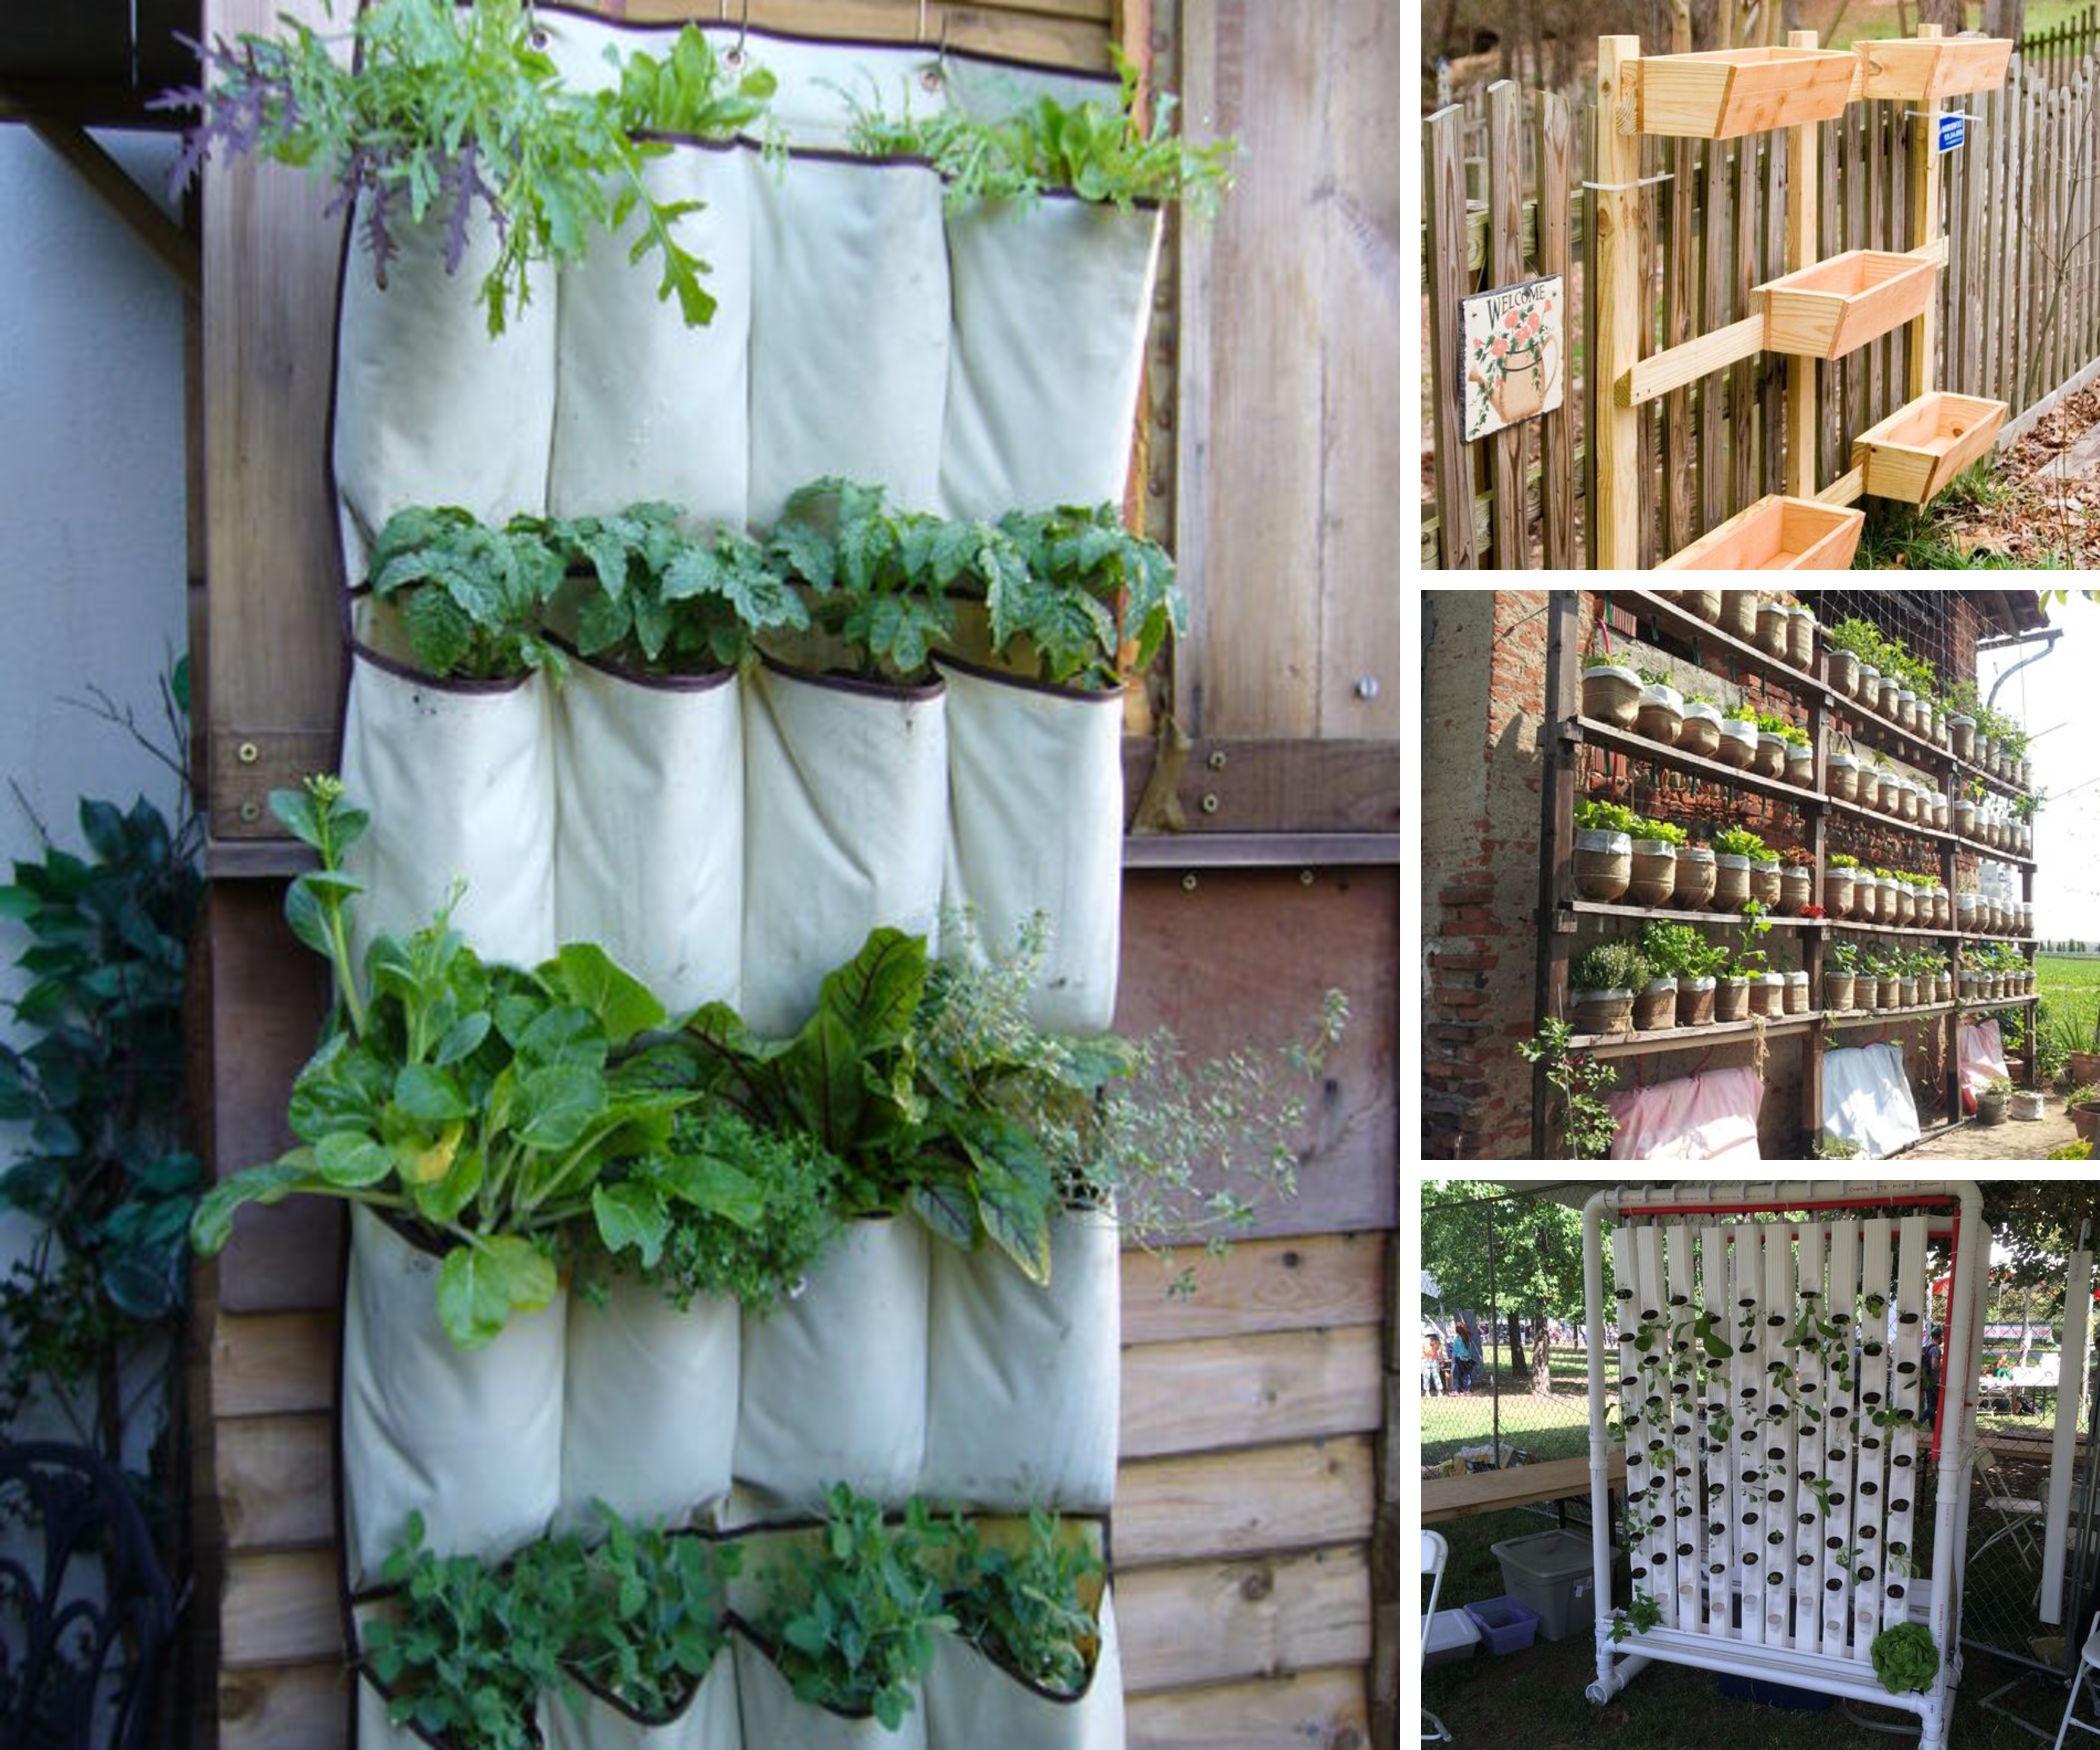 10 Space-Saving Vertical Gardens